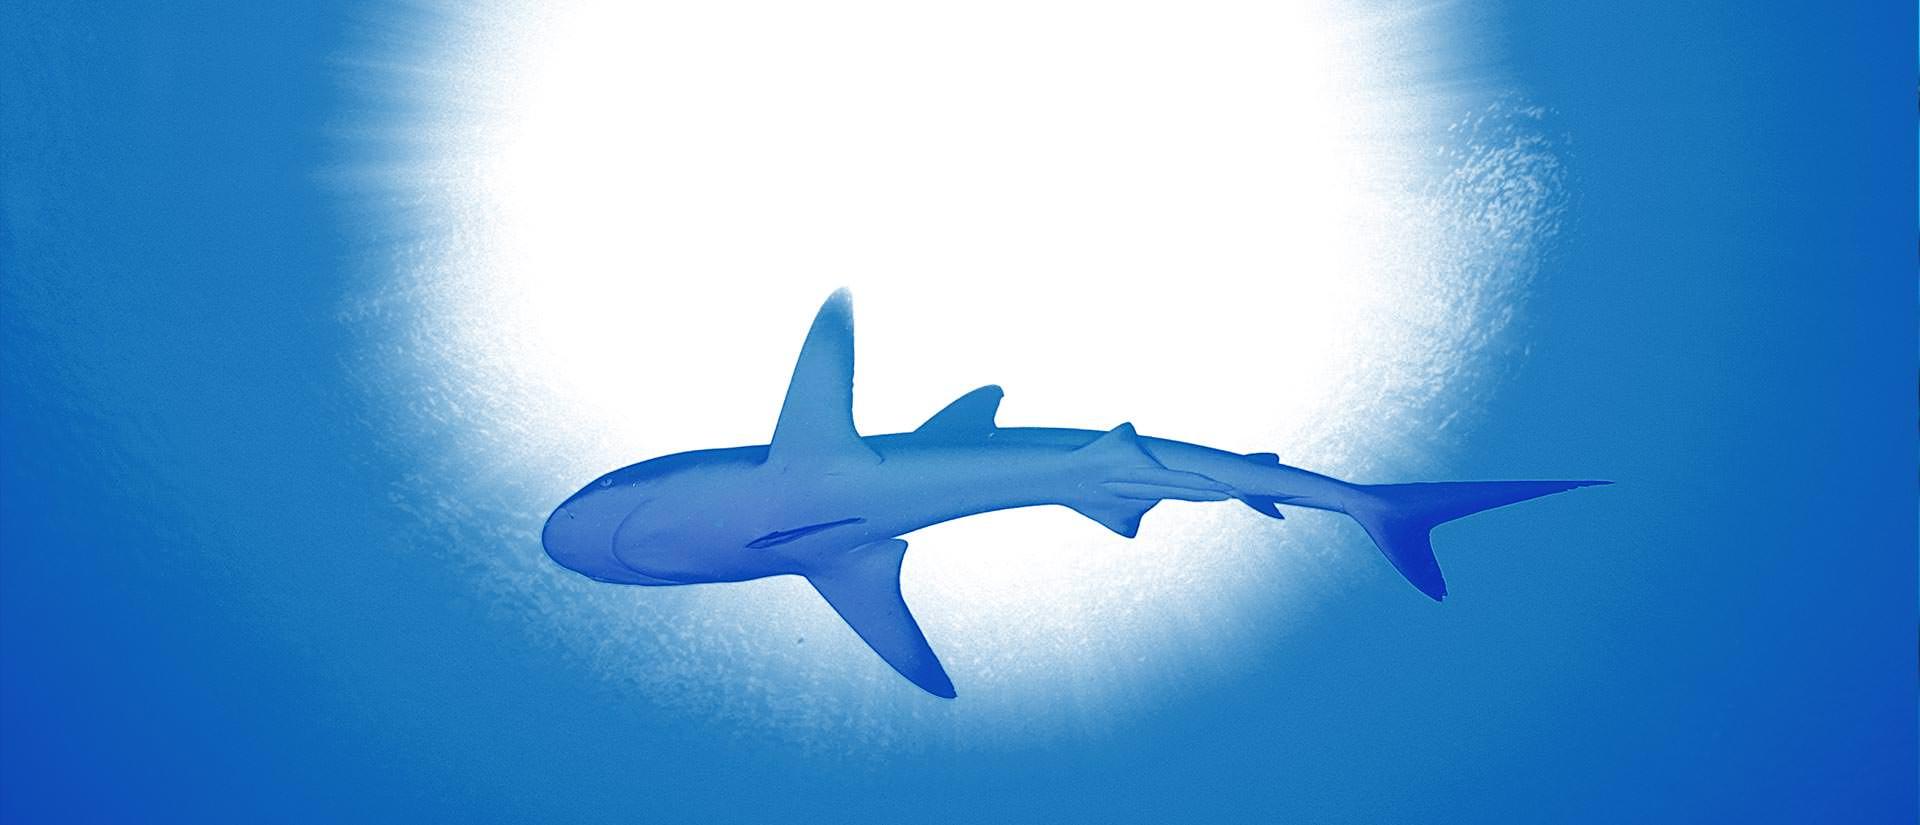 ספארי צלילה עם כרישים - 10 טיפים לכרישאי המתחיל